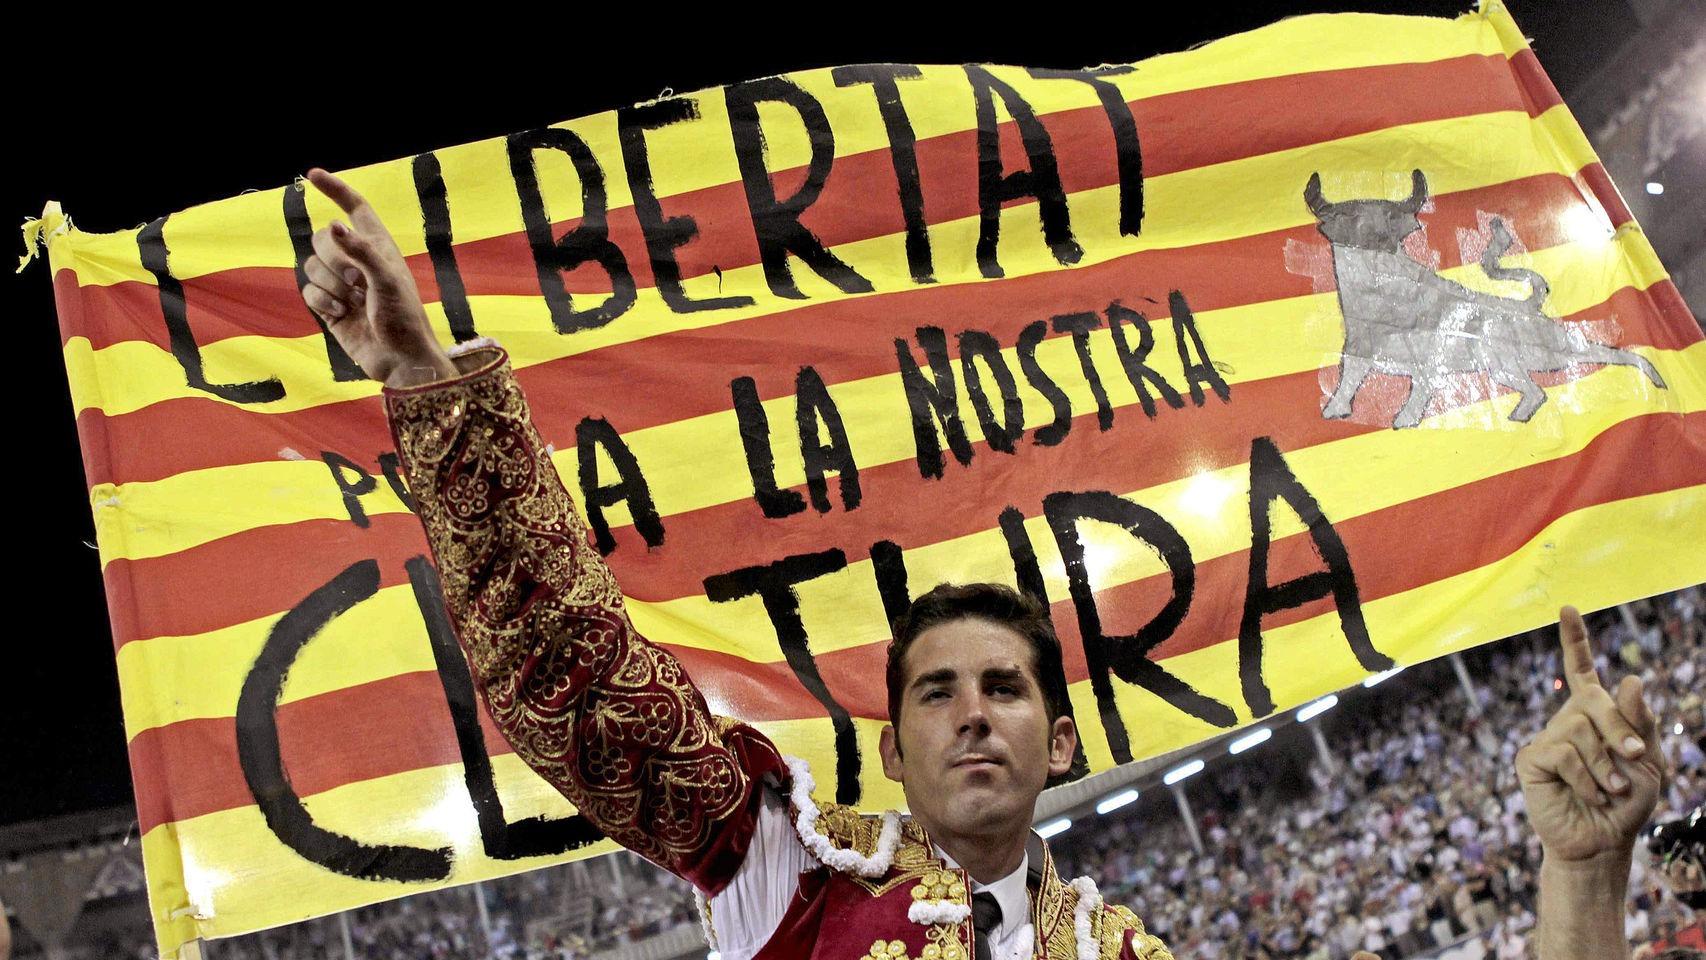 corridas_toros-cataluna-tribunal_constitucional-pp_partido_popular-espana_160497064_18121943_1706x960